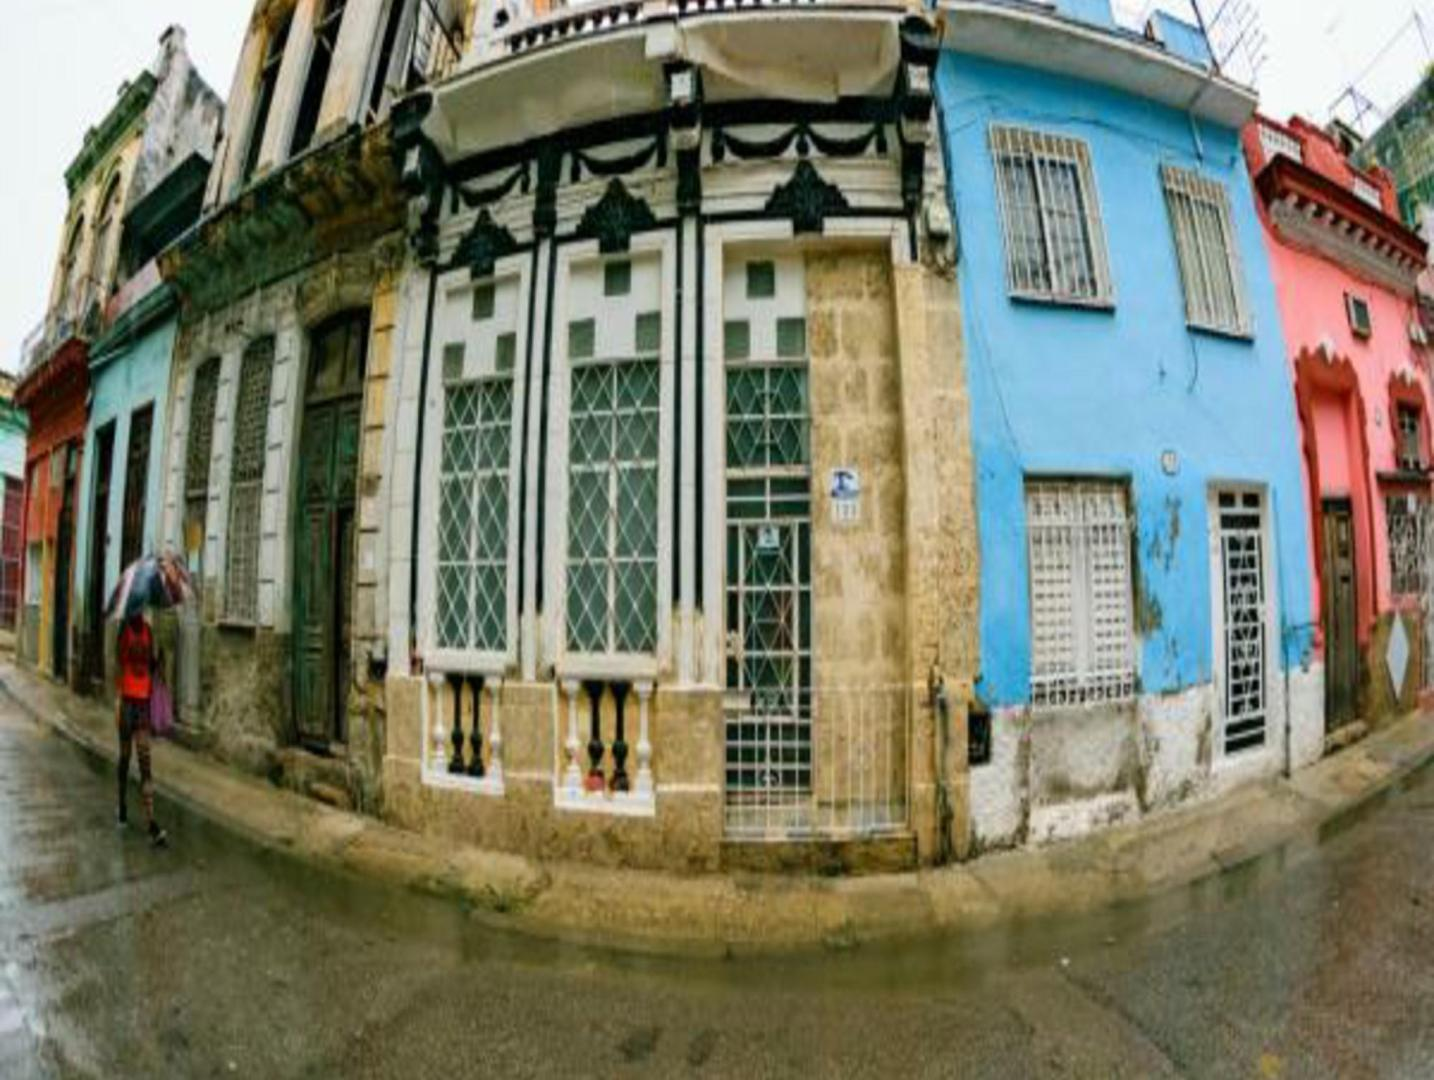 alquilar casas en cuba